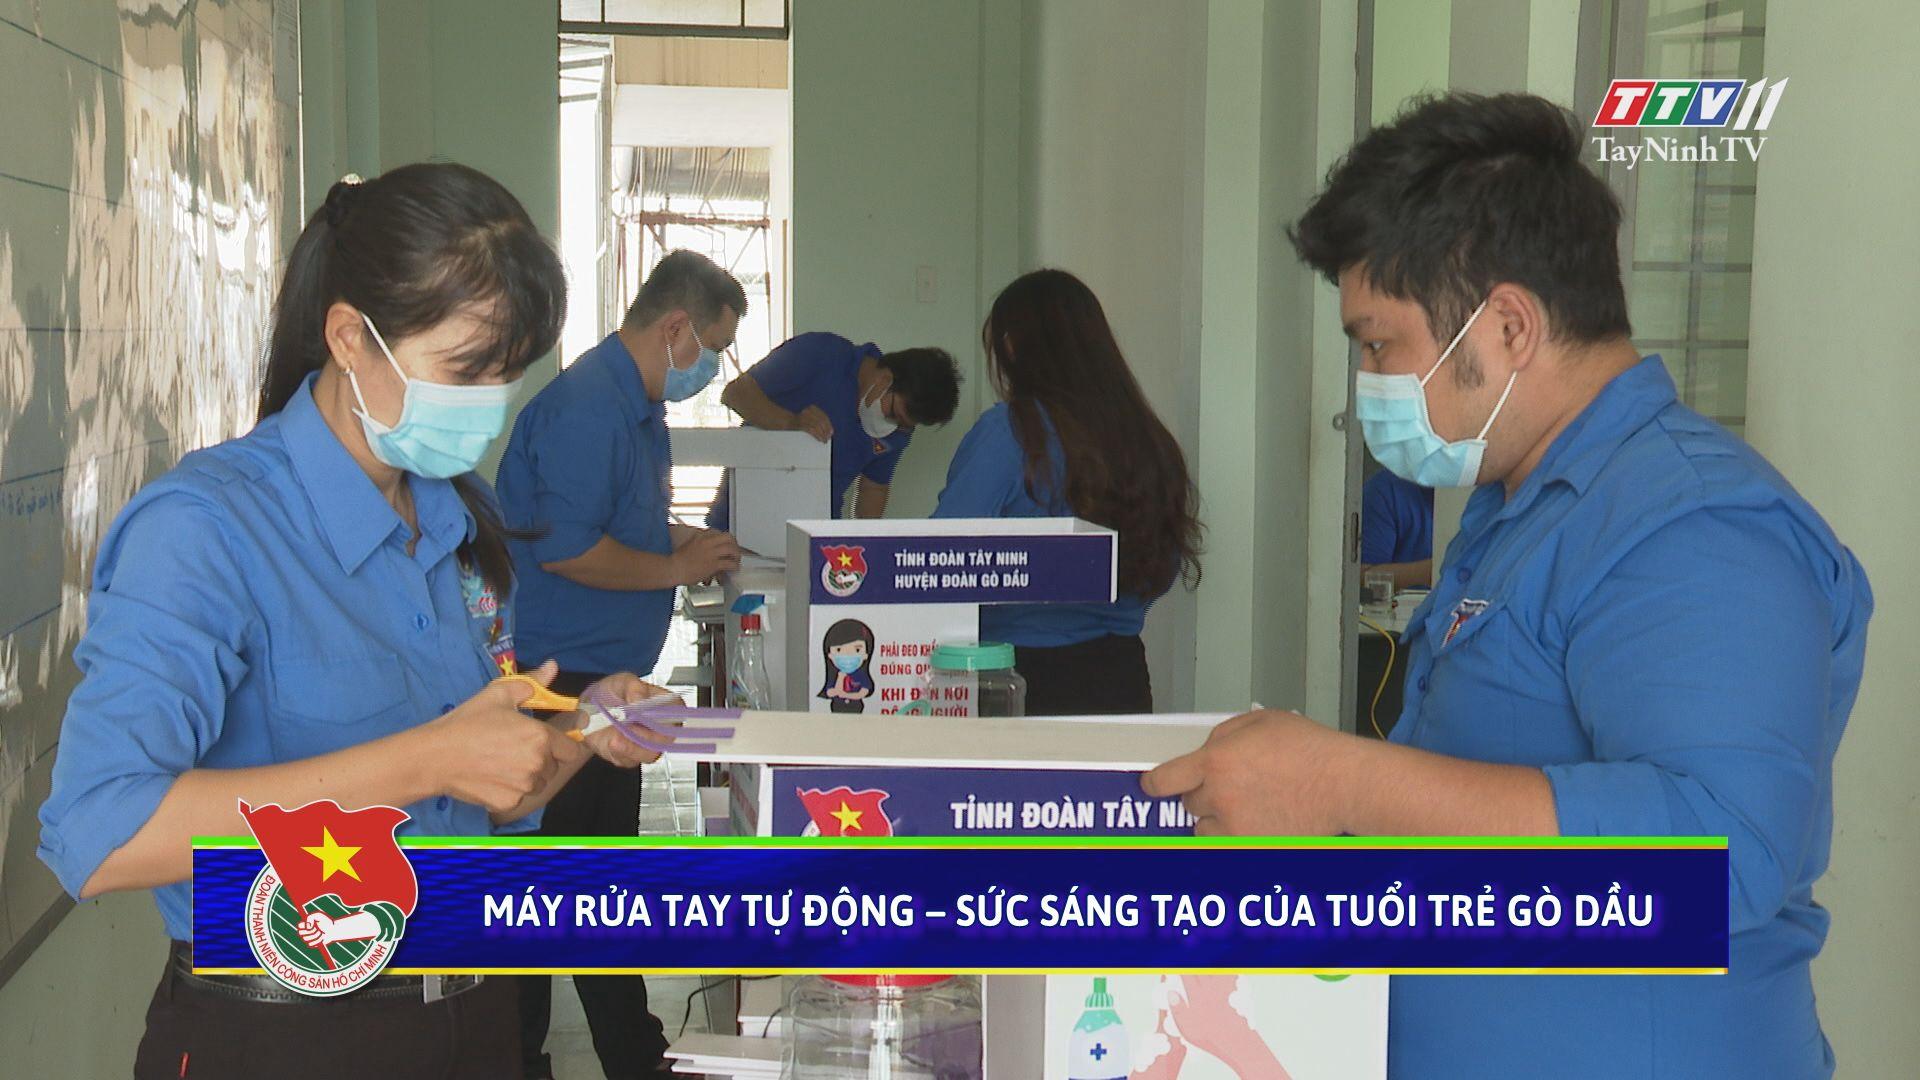 Máy rửa tay tự động - Sức sáng tạo của tuổi trẻ Gò Dầu | THANH NIÊN | TayNinhTV